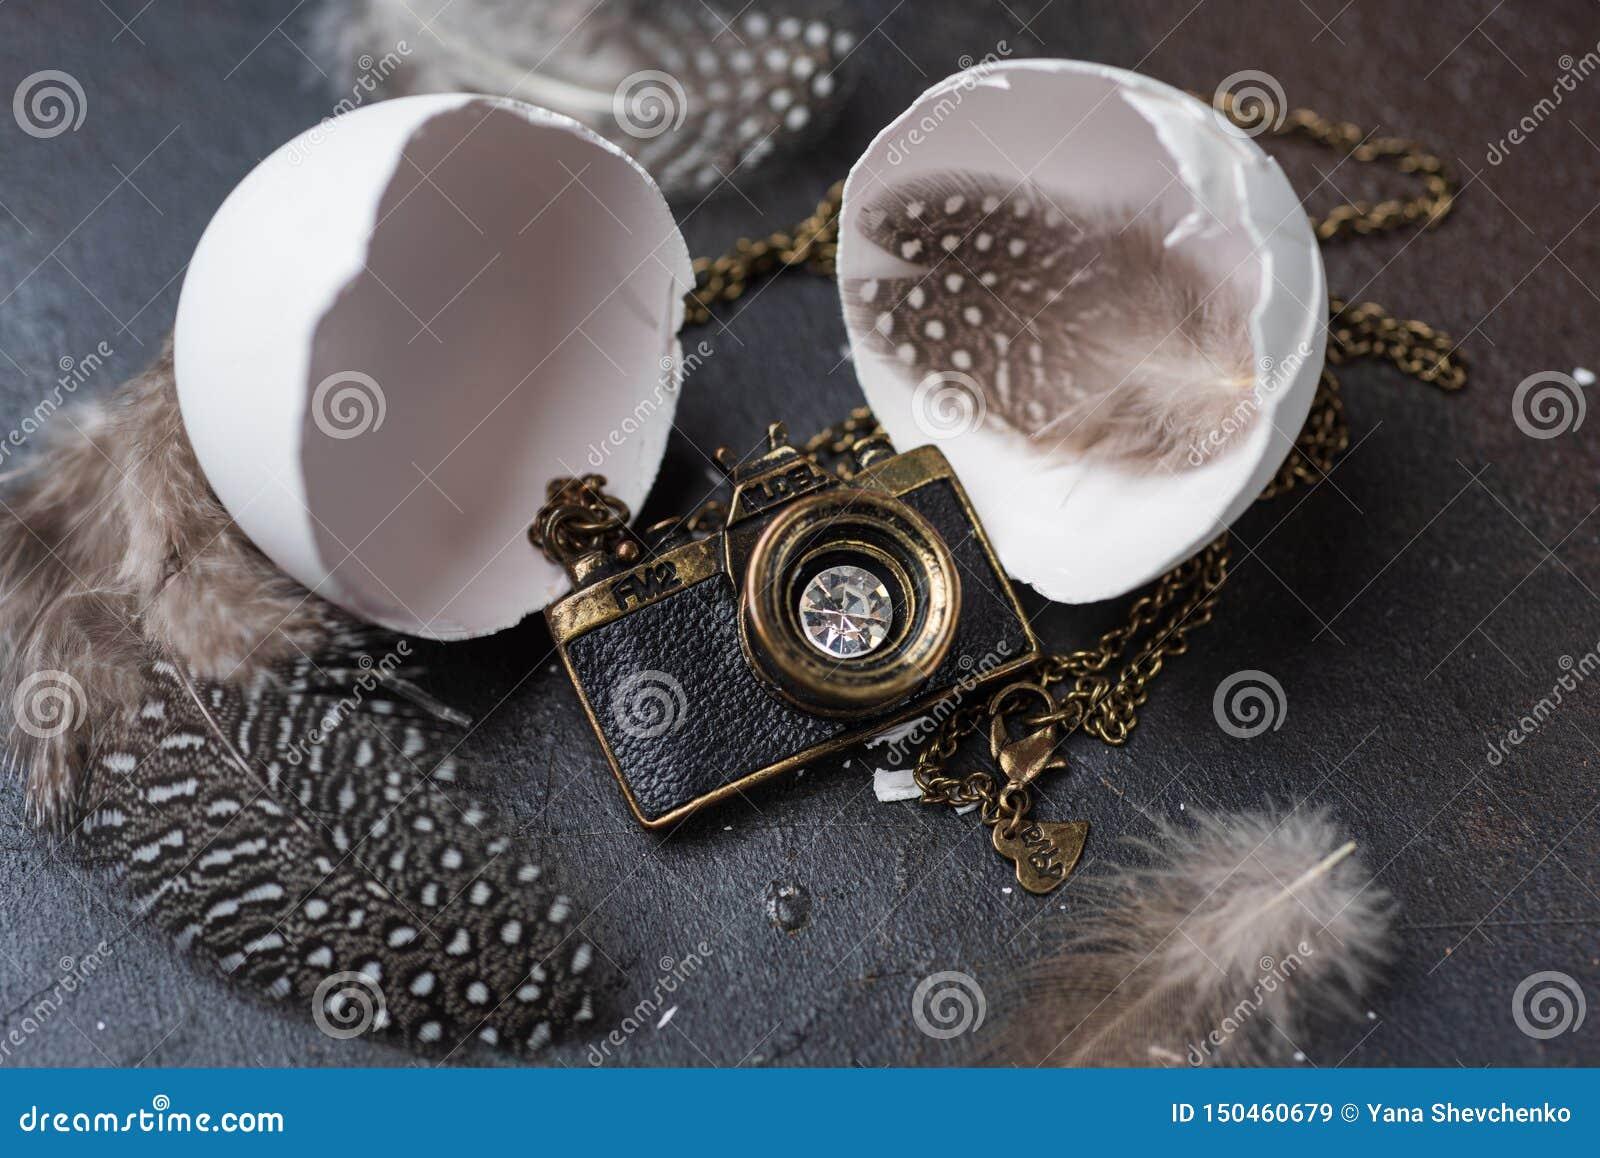 照片照相机塑造了从白色蛋壳孵化的垂饰